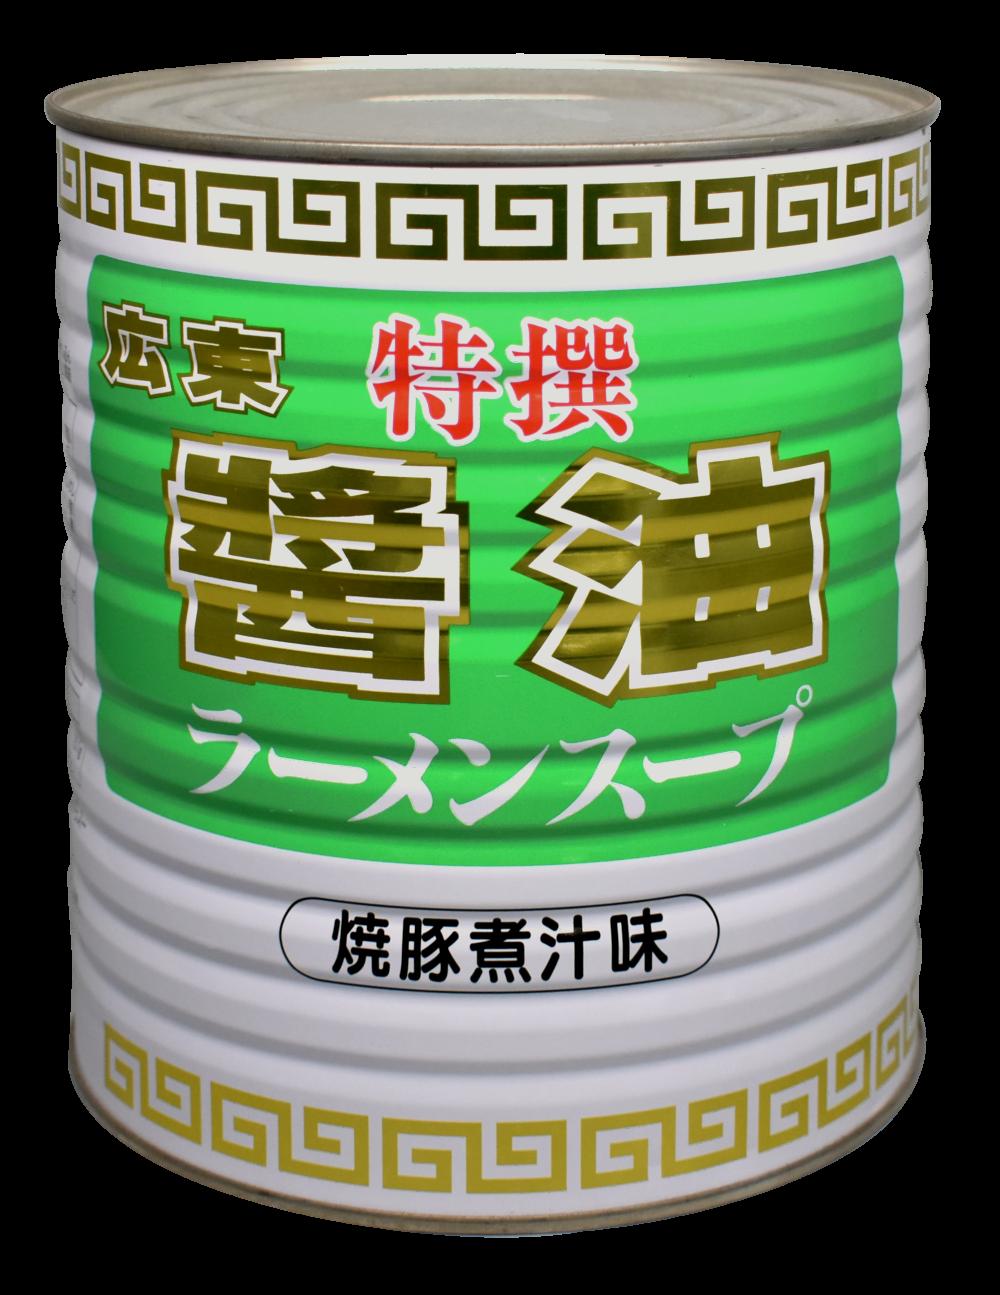 広東特撰醤油ラーメンスープ3.3kg